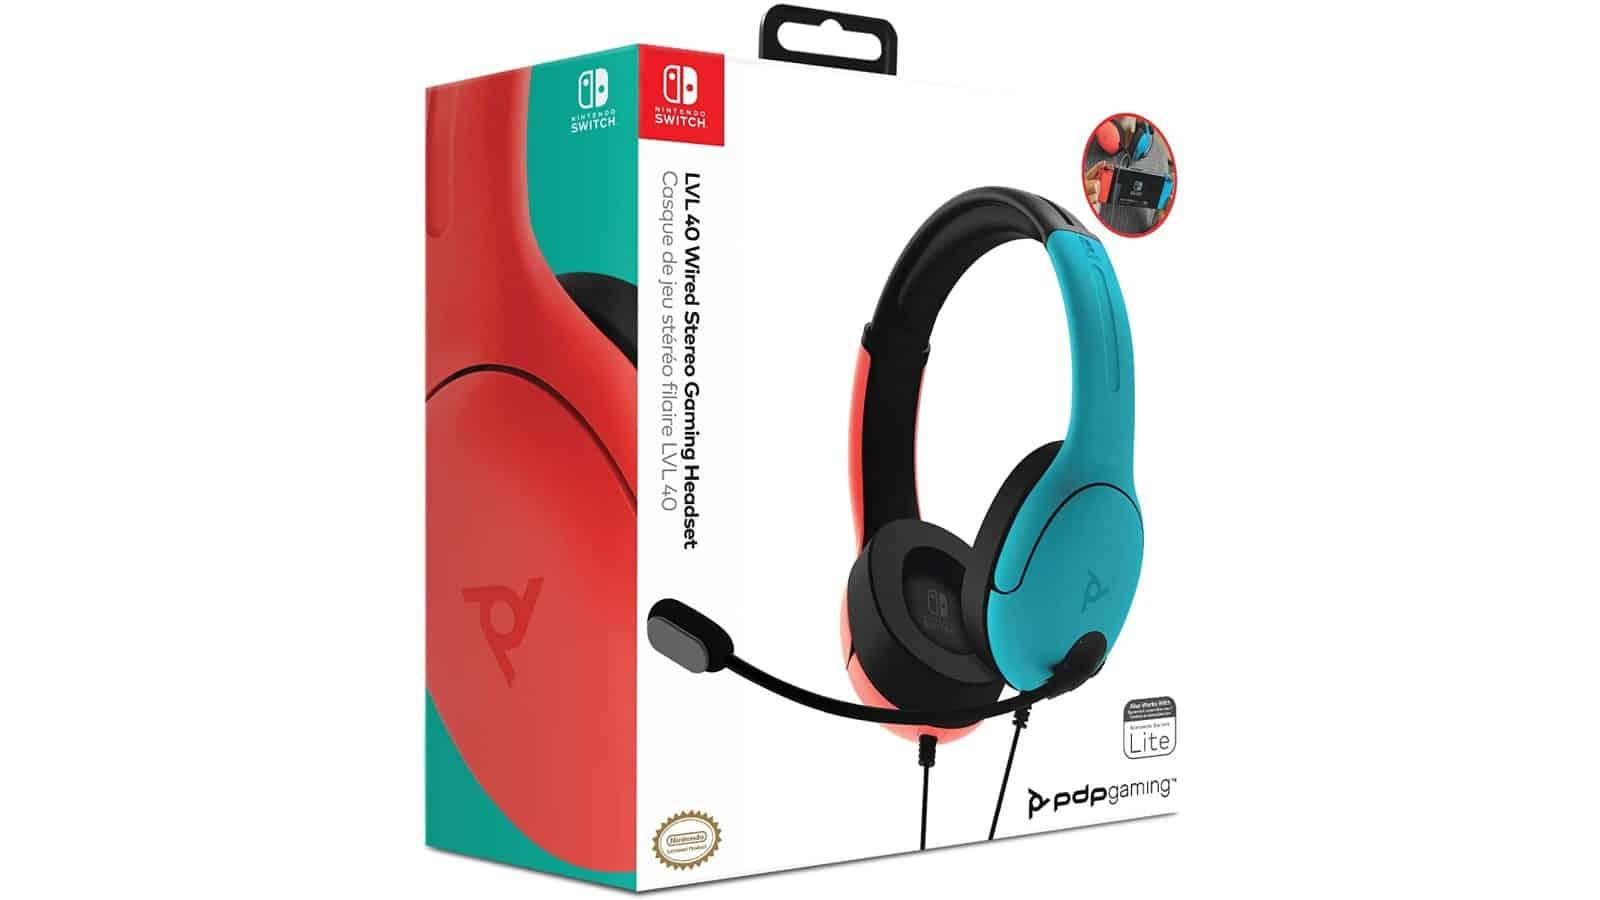 אוזניות גיימינג חוטיות LVL40 בעיצוב קונסולת Nintendo Switch